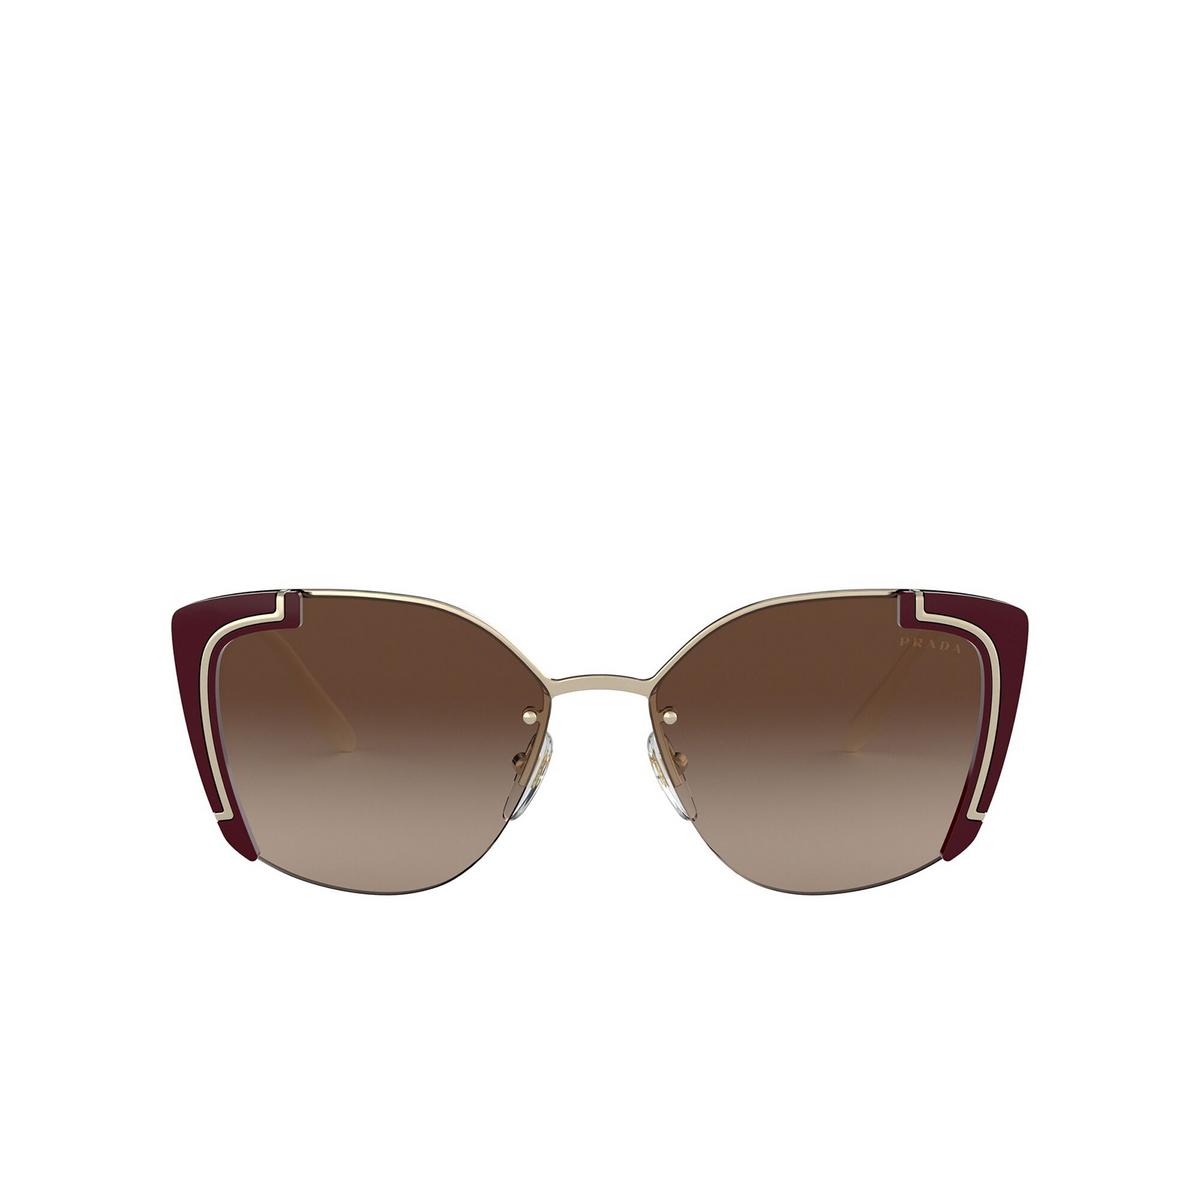 Prada® Butterfly Sunglasses: PR 59VS color Pale Gold / Bordeaux 4306S1 - front view.